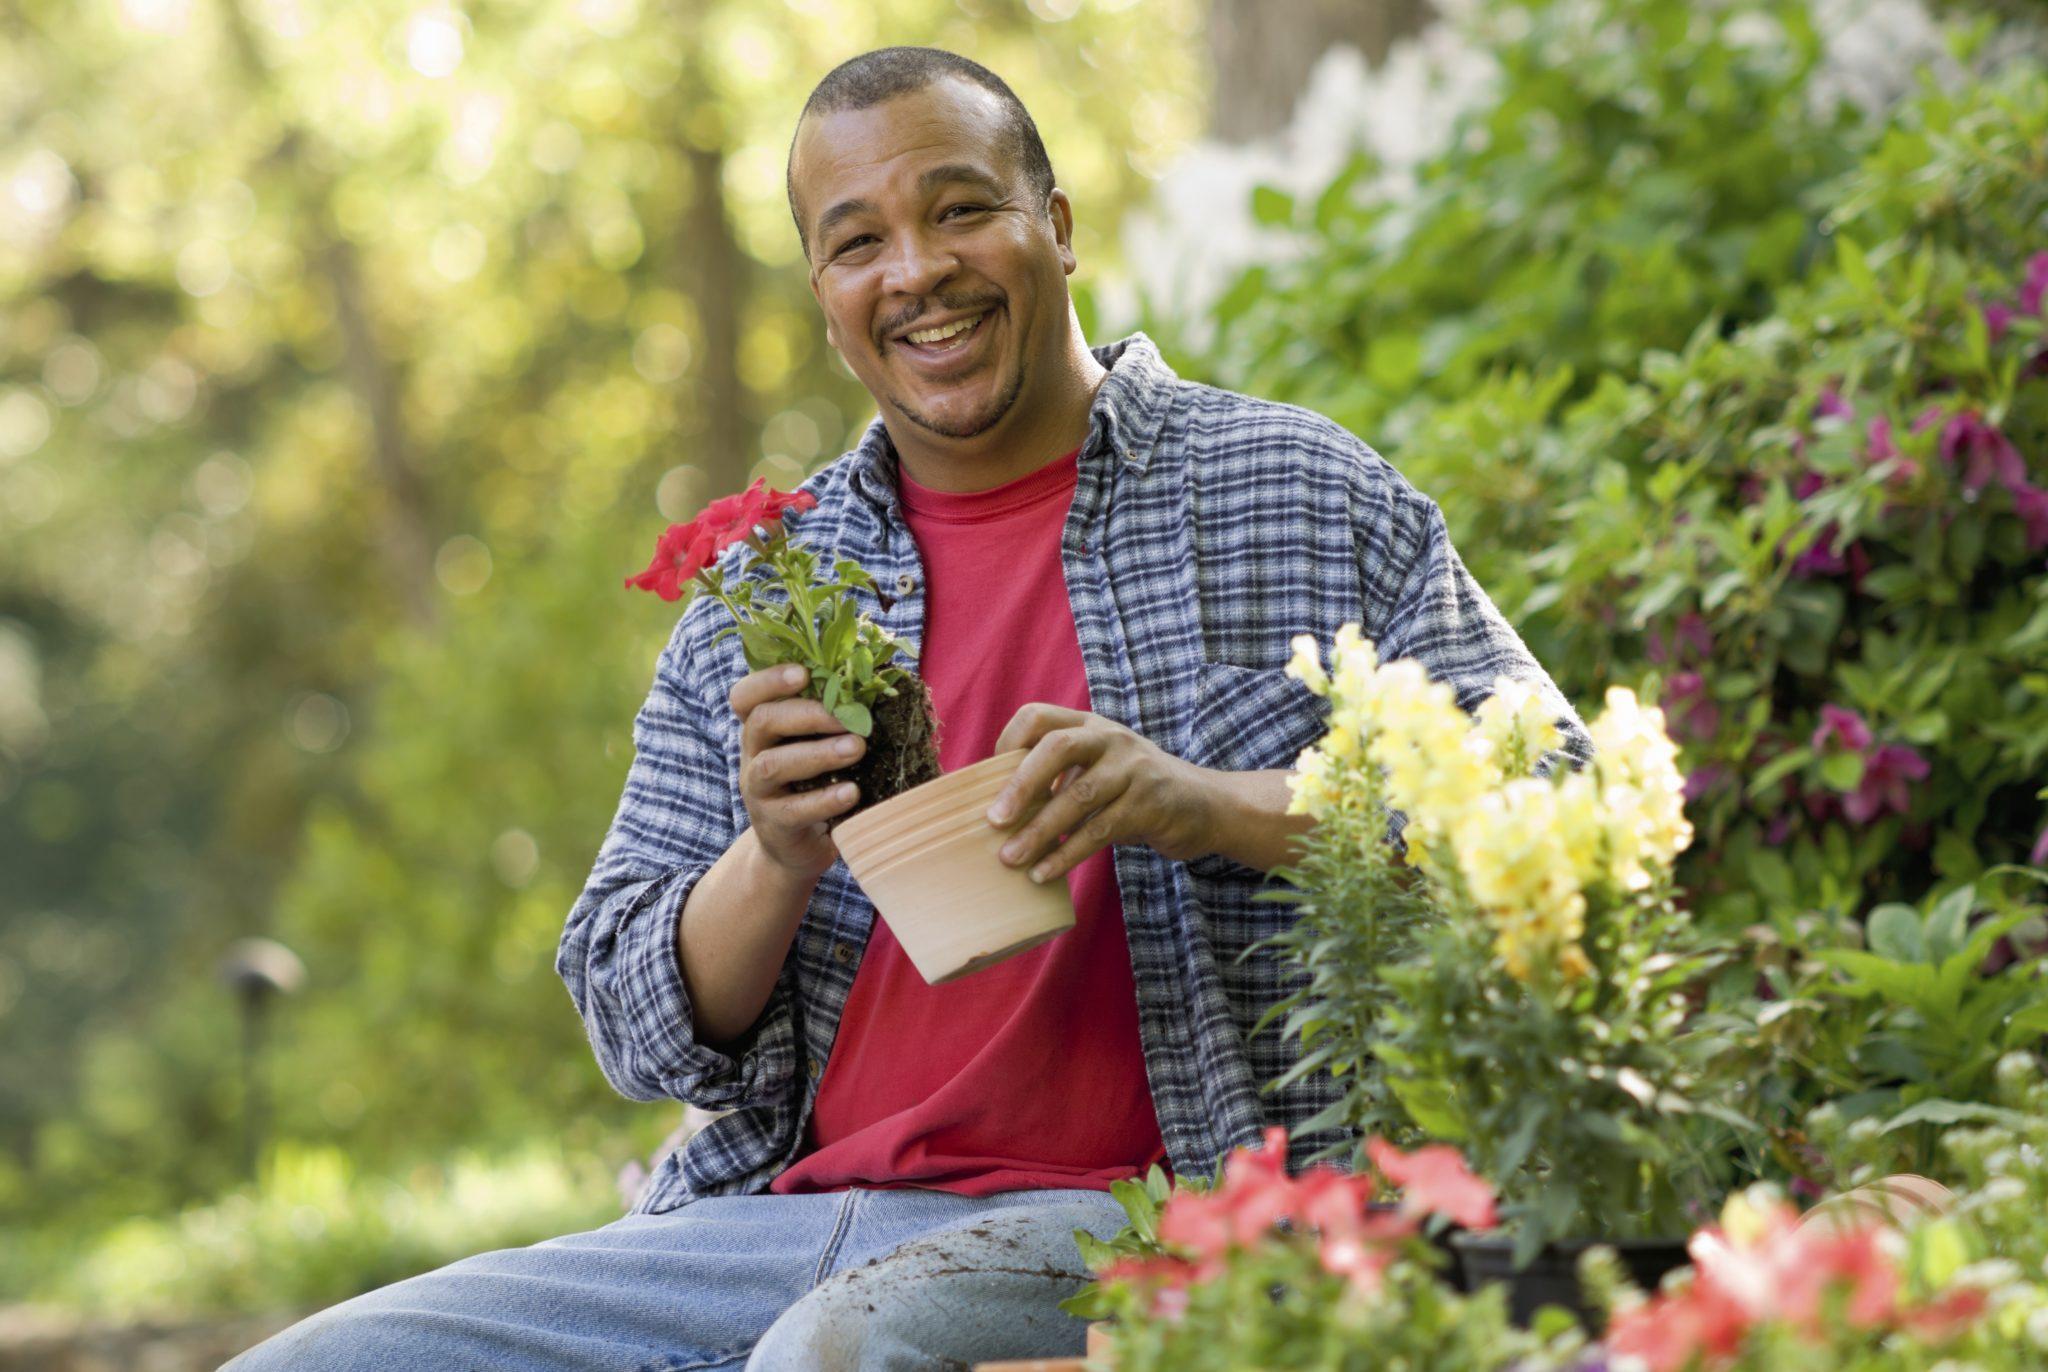 Black man sitting in a garden